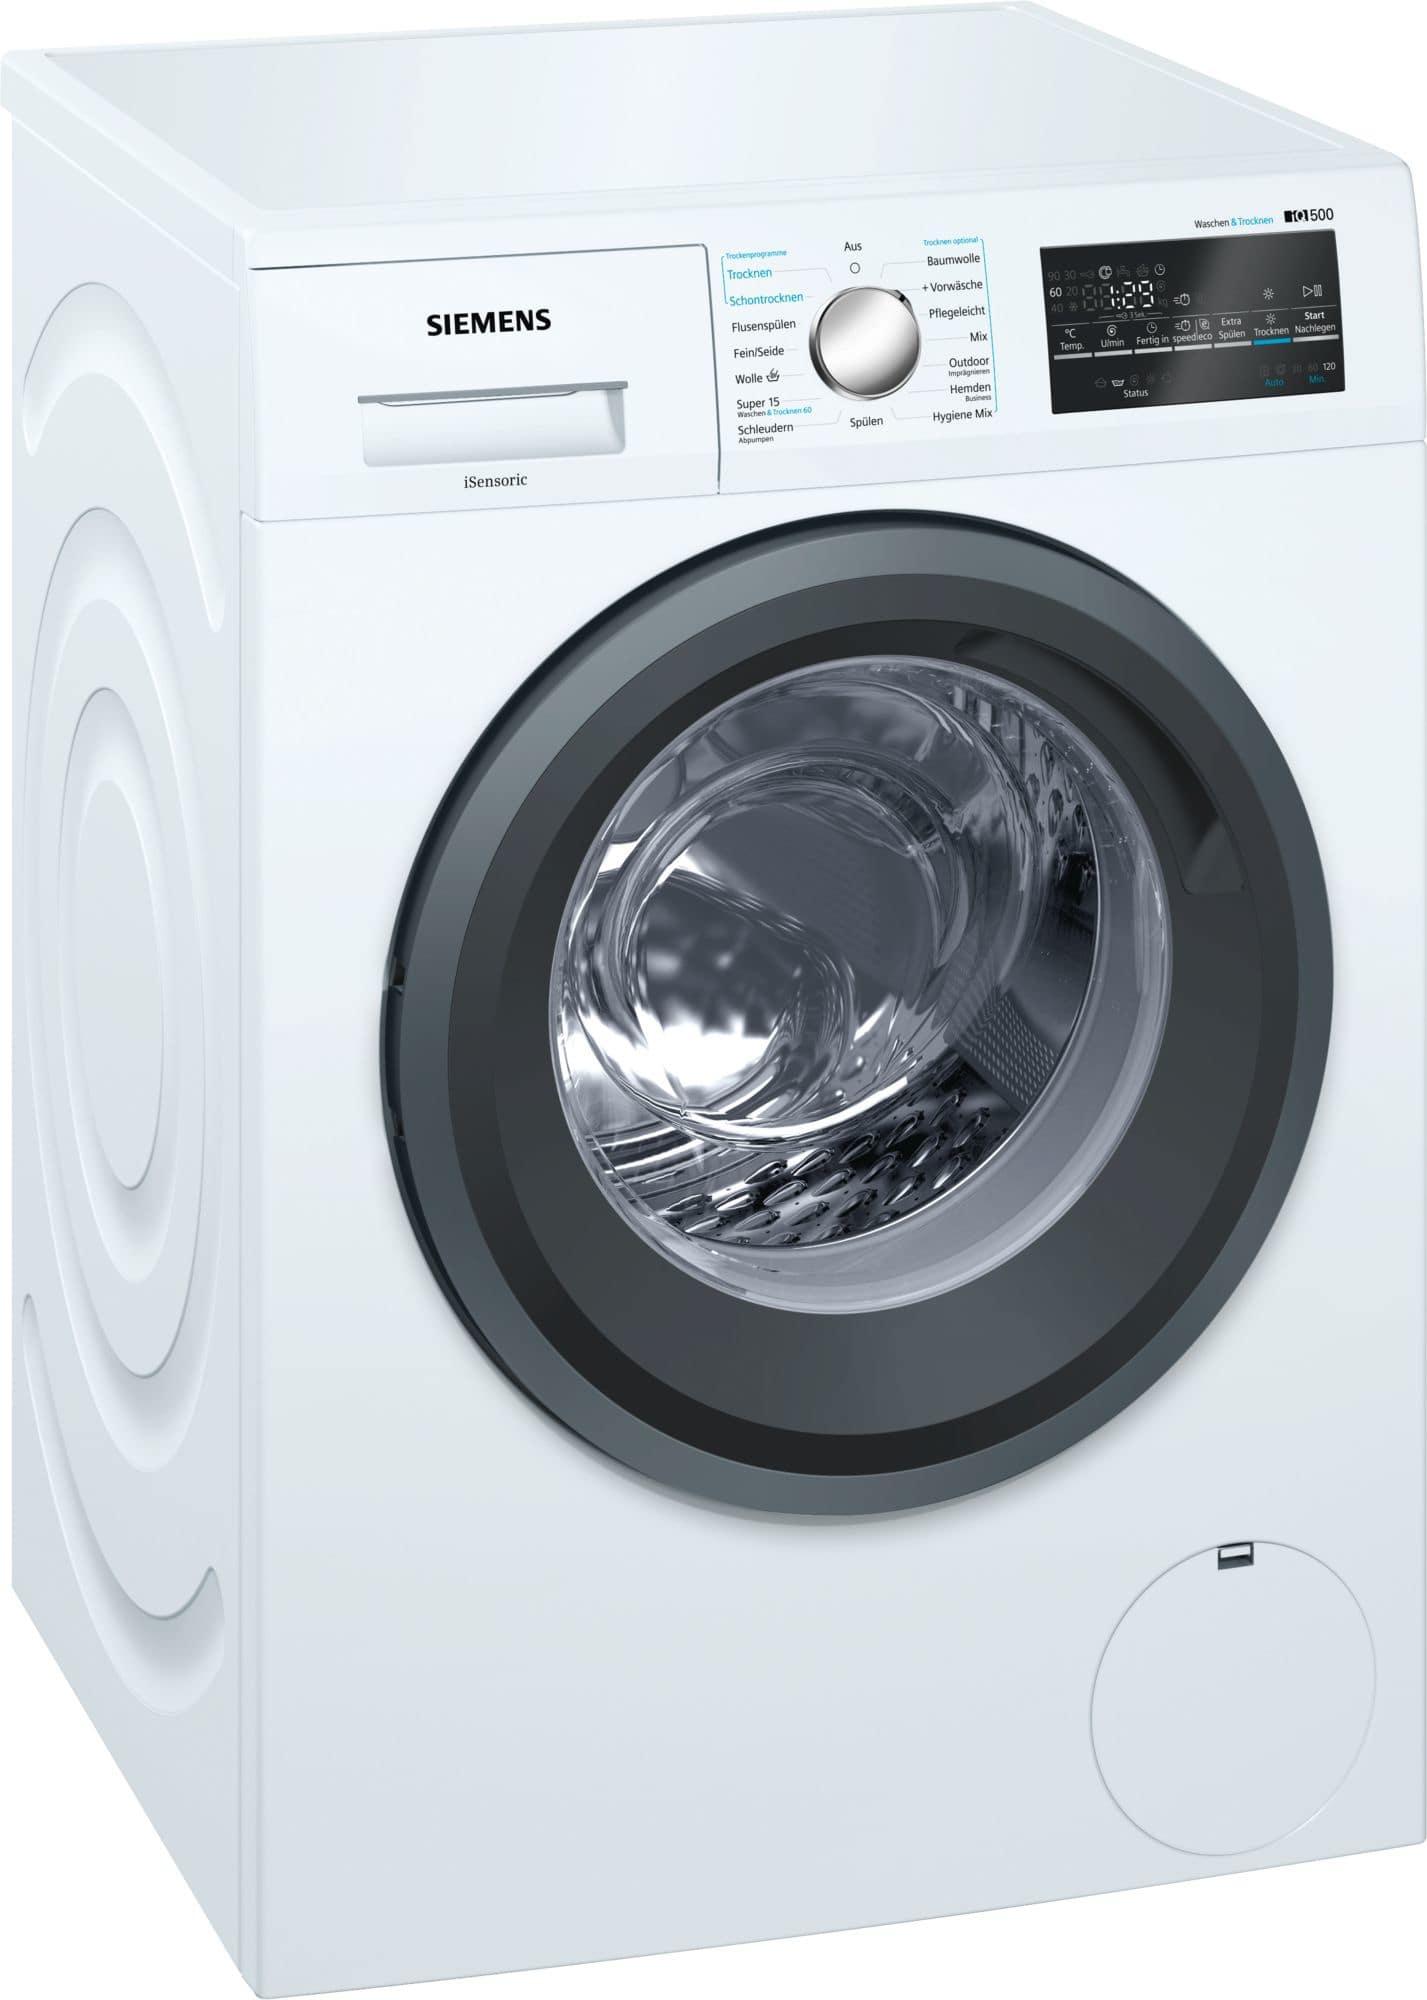 Waschtrockner - 11 Tipps und Tricks zur Funktionsweise